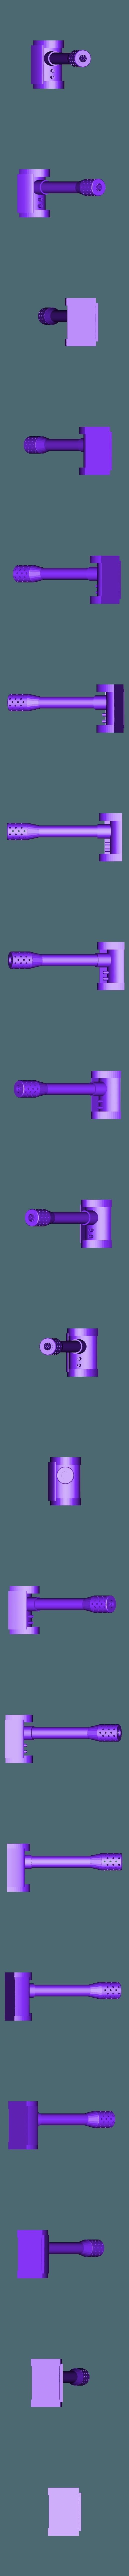 """gun_B.stl Télécharger fichier STL gratuit Ork / Orc Tank """"Bone Breaker"""" 28mm wargames véhicule • Plan pour impression 3D, redstarkits"""